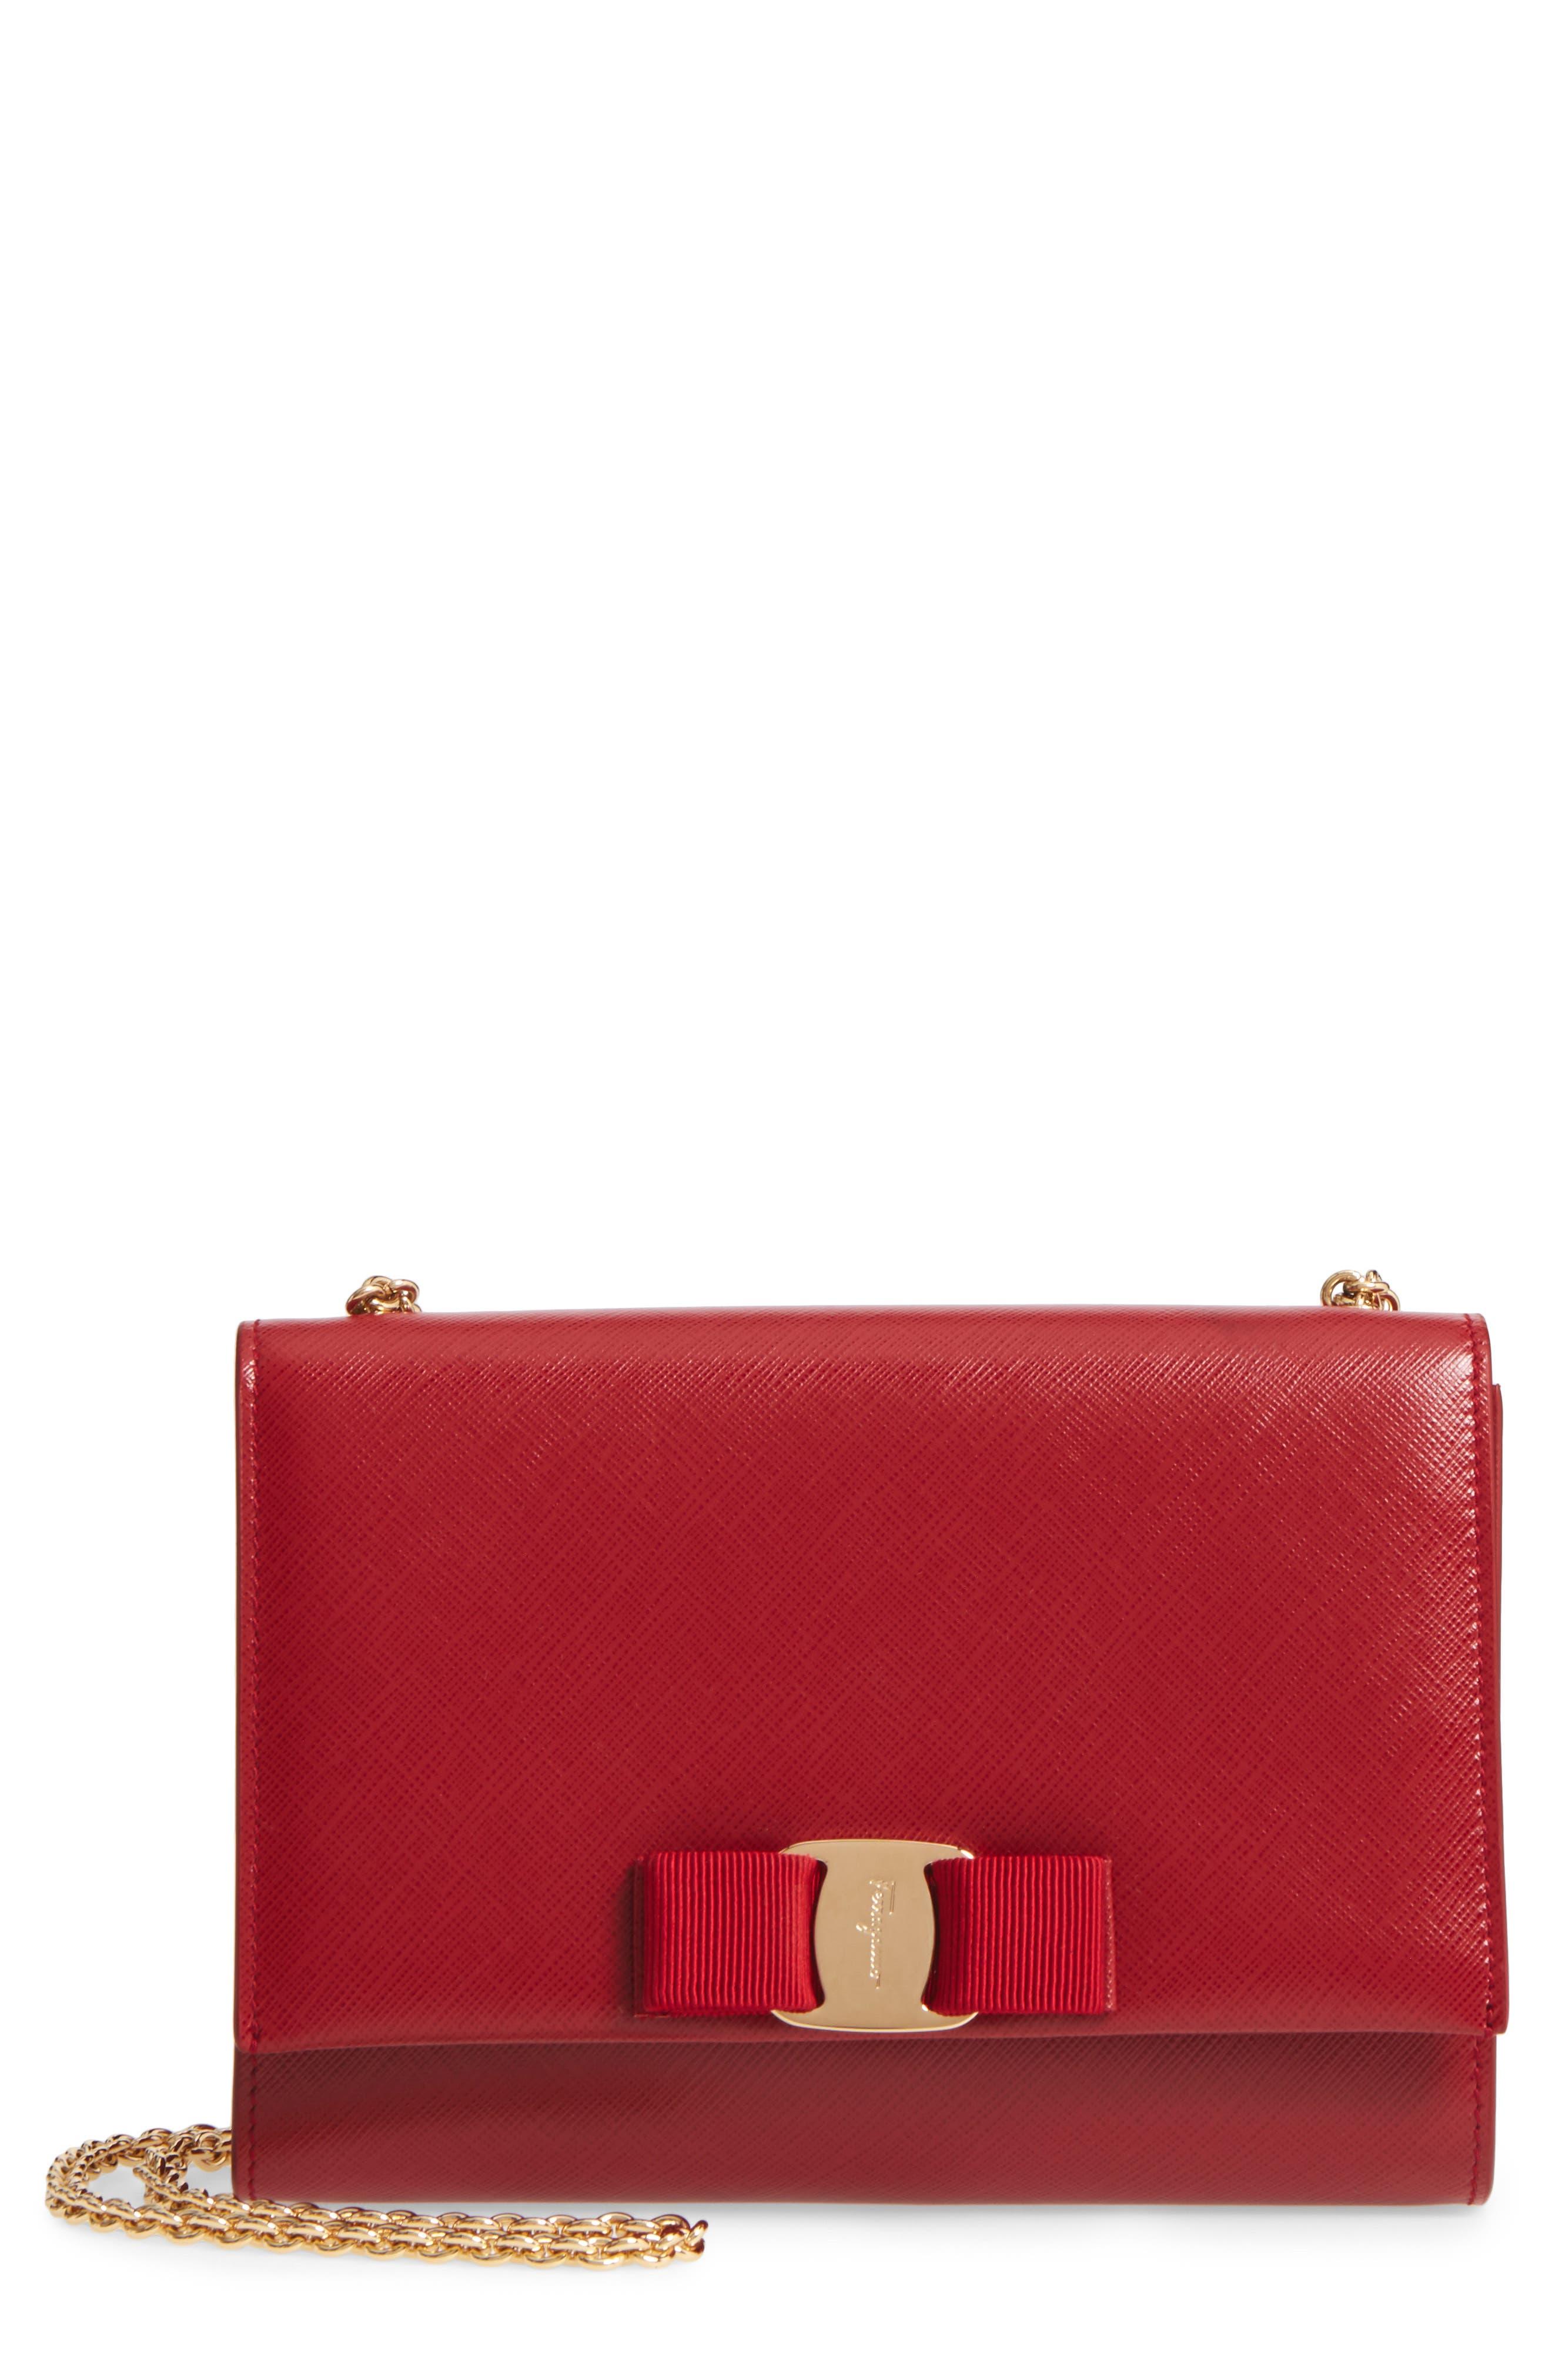 Salvatore Ferragamo Mini Vara Leather